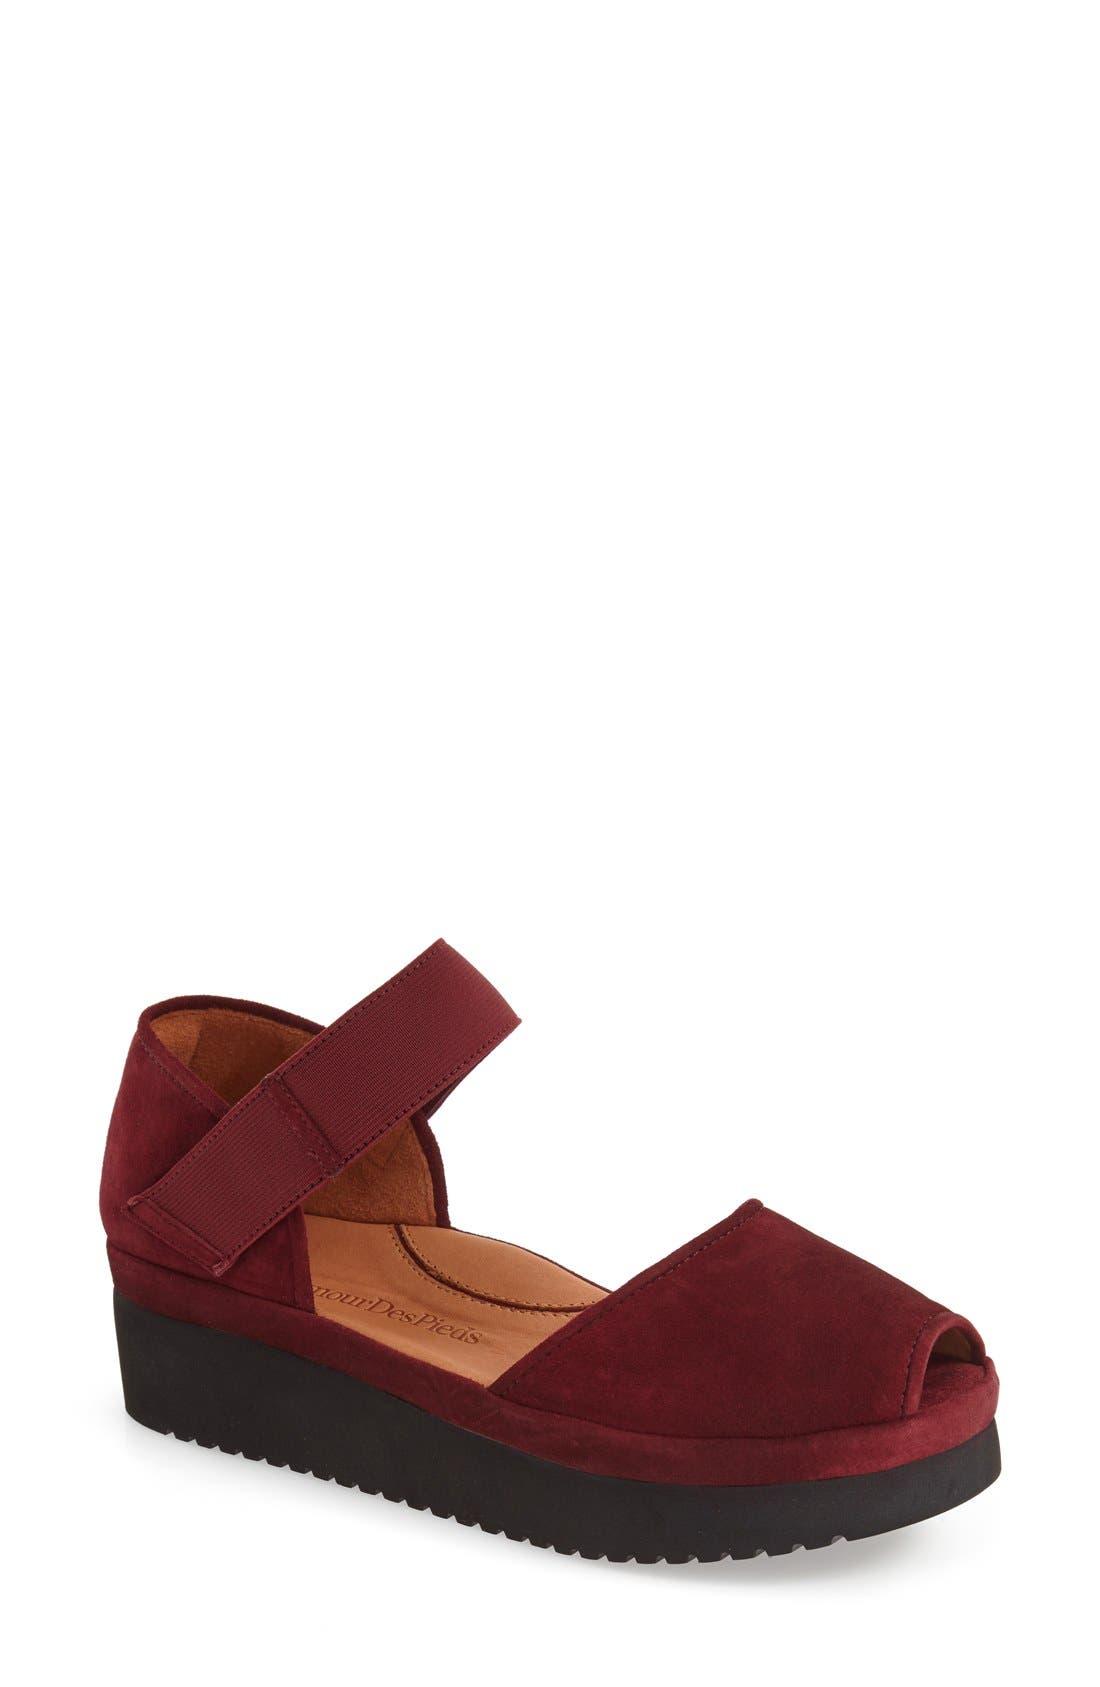 'Amadour' Platform Sandal,                             Main thumbnail 13, color,